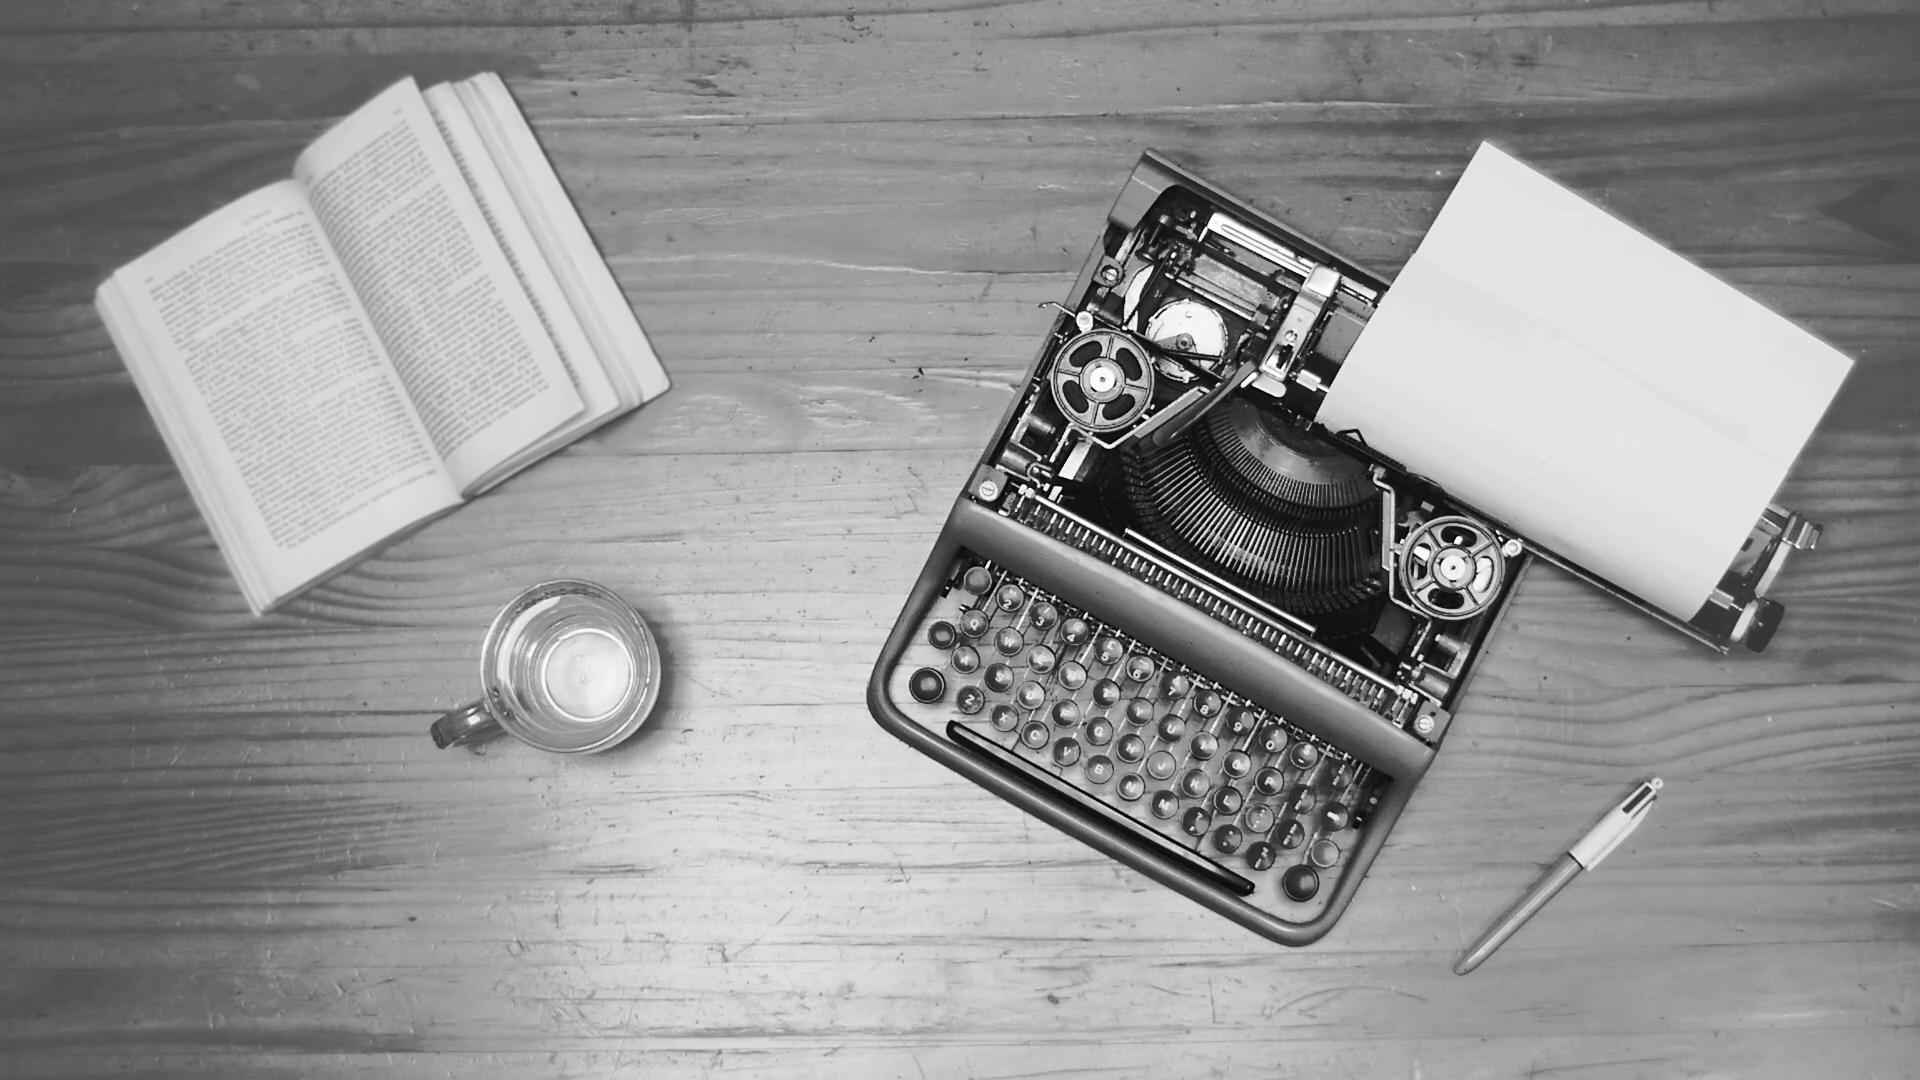 Typewriter Wallpapers - Top Free Typewriter Backgrounds